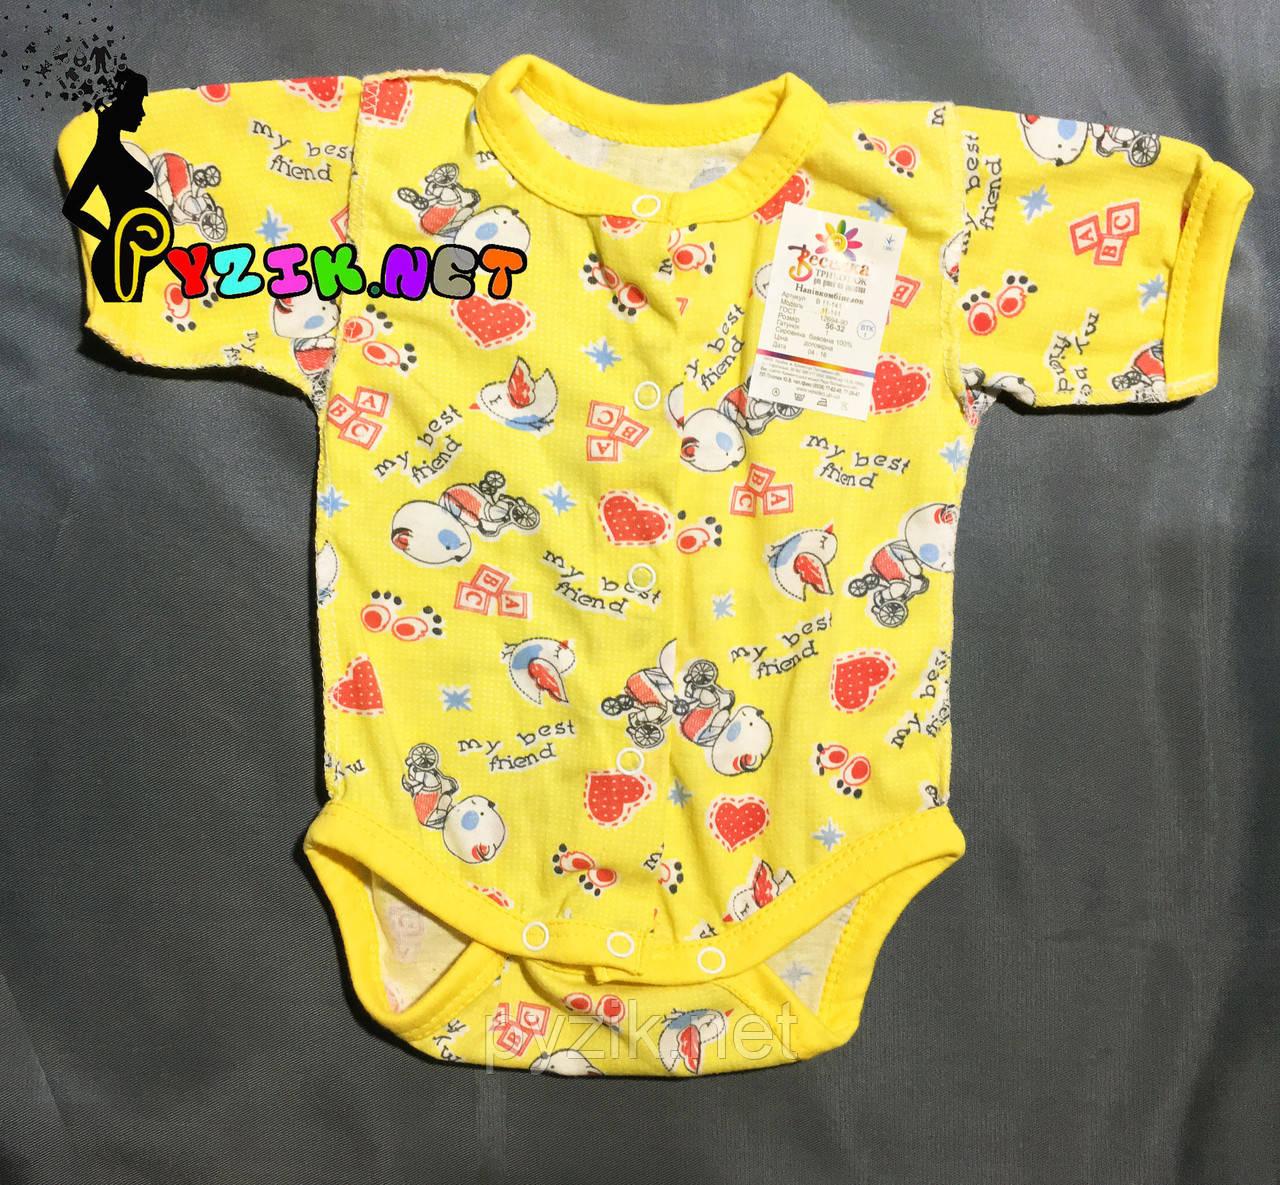 Бодик для новорожденных 100% хлопок (кулир) 56, 62 р-р, желтый